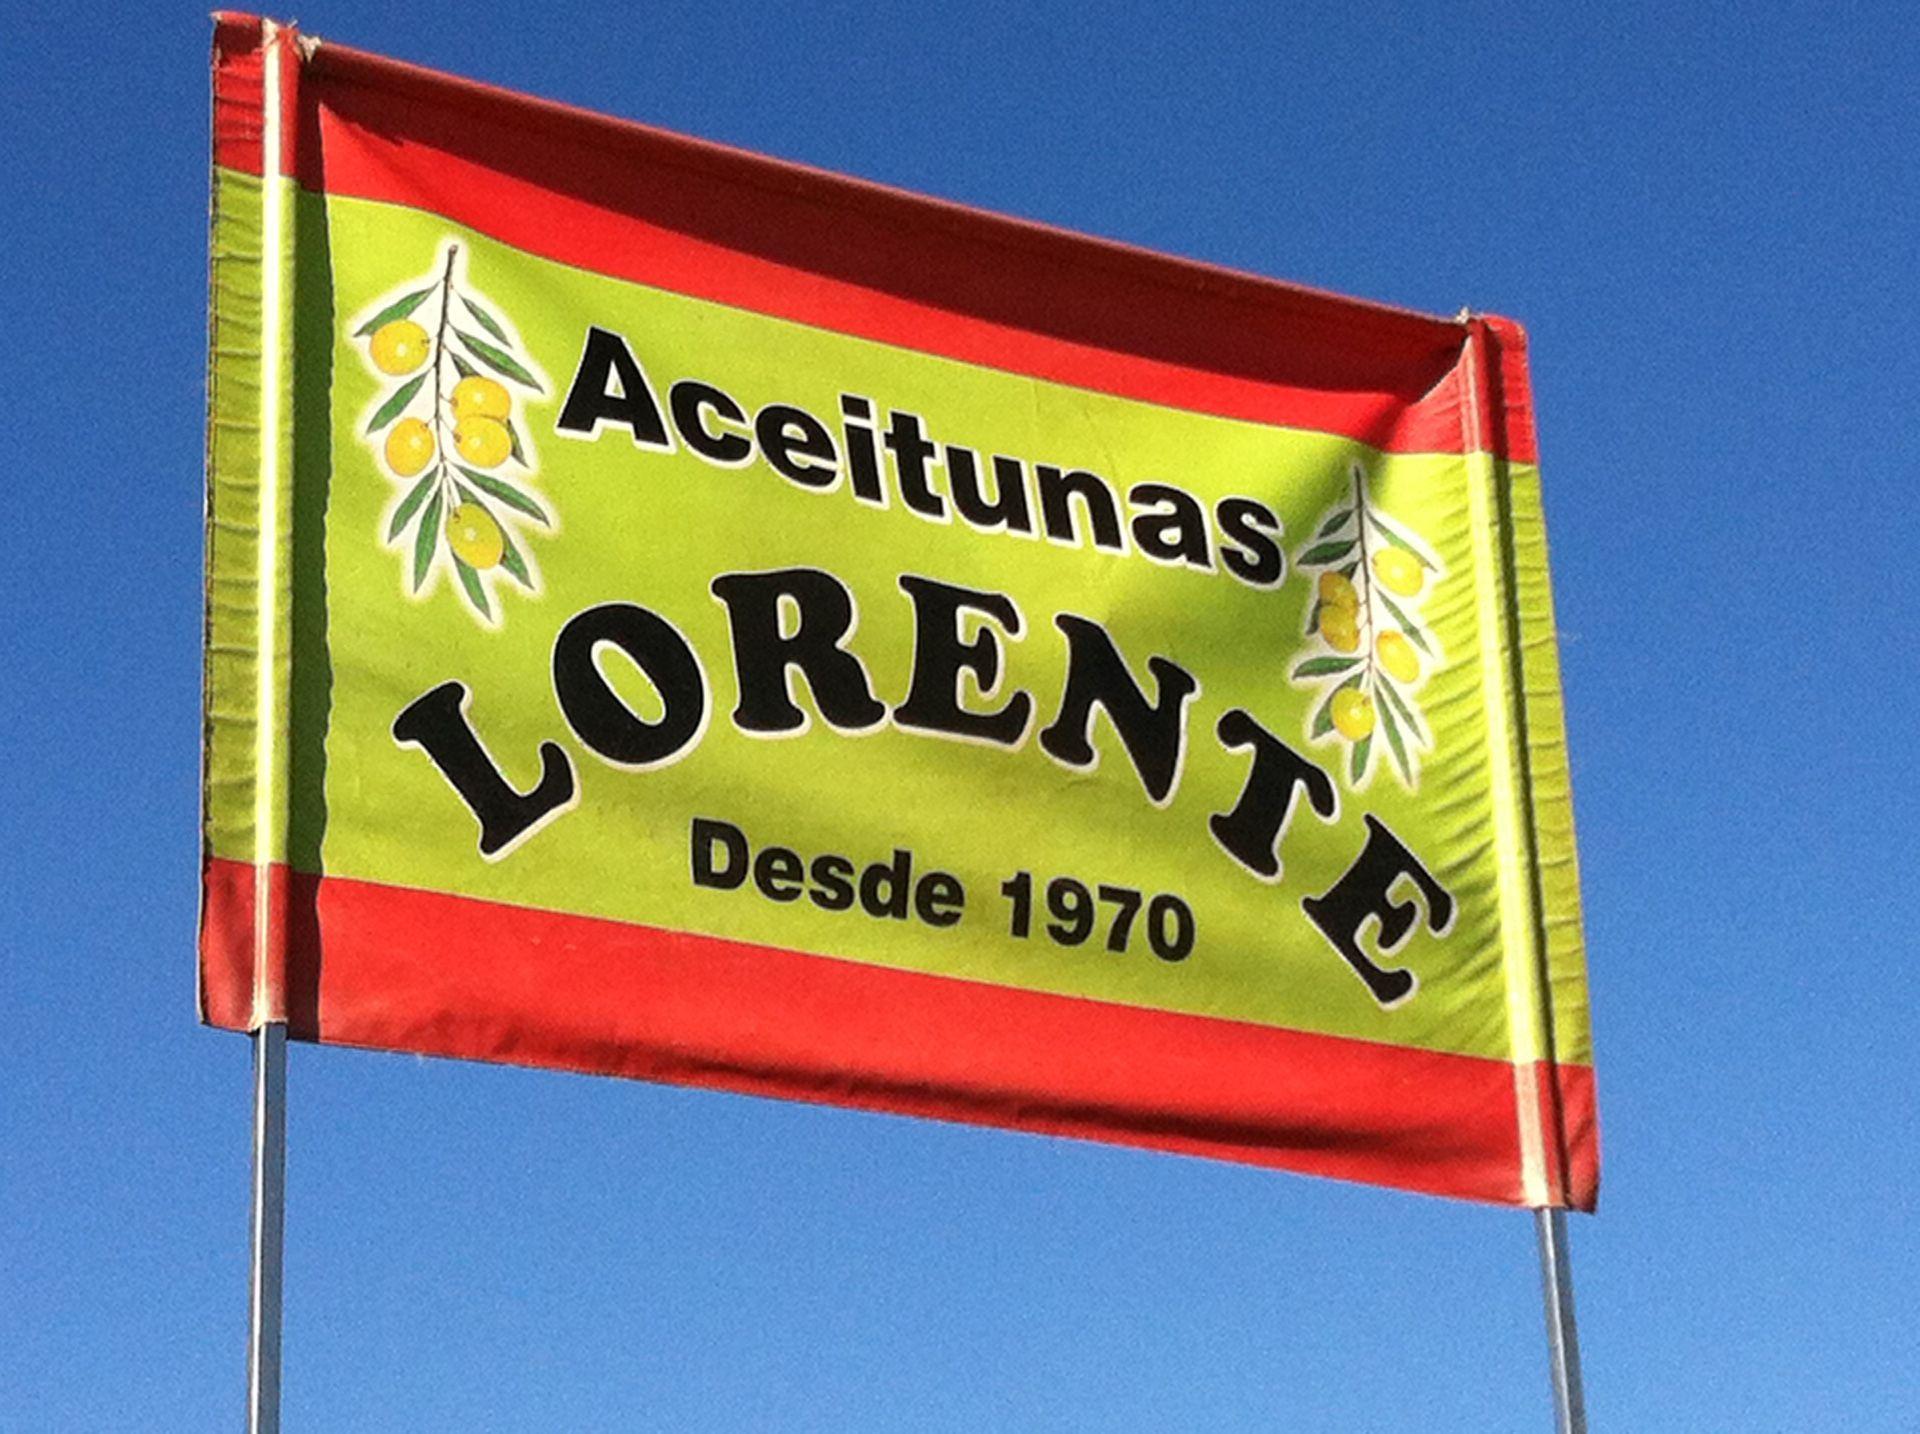 aceituans lorente